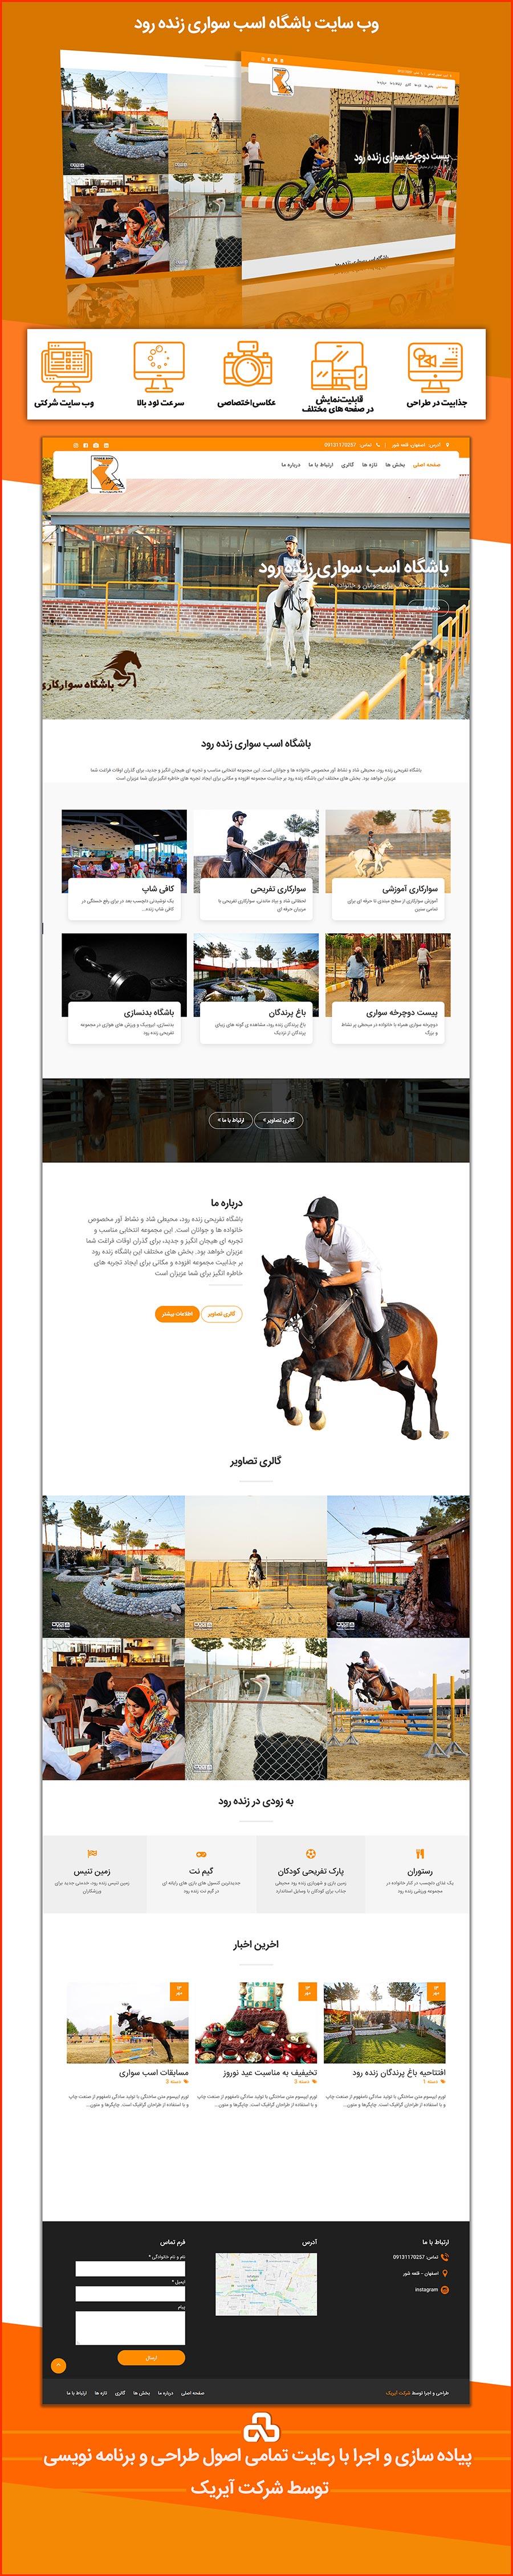 وب سایت باشگاه اسب سواری زنده رود